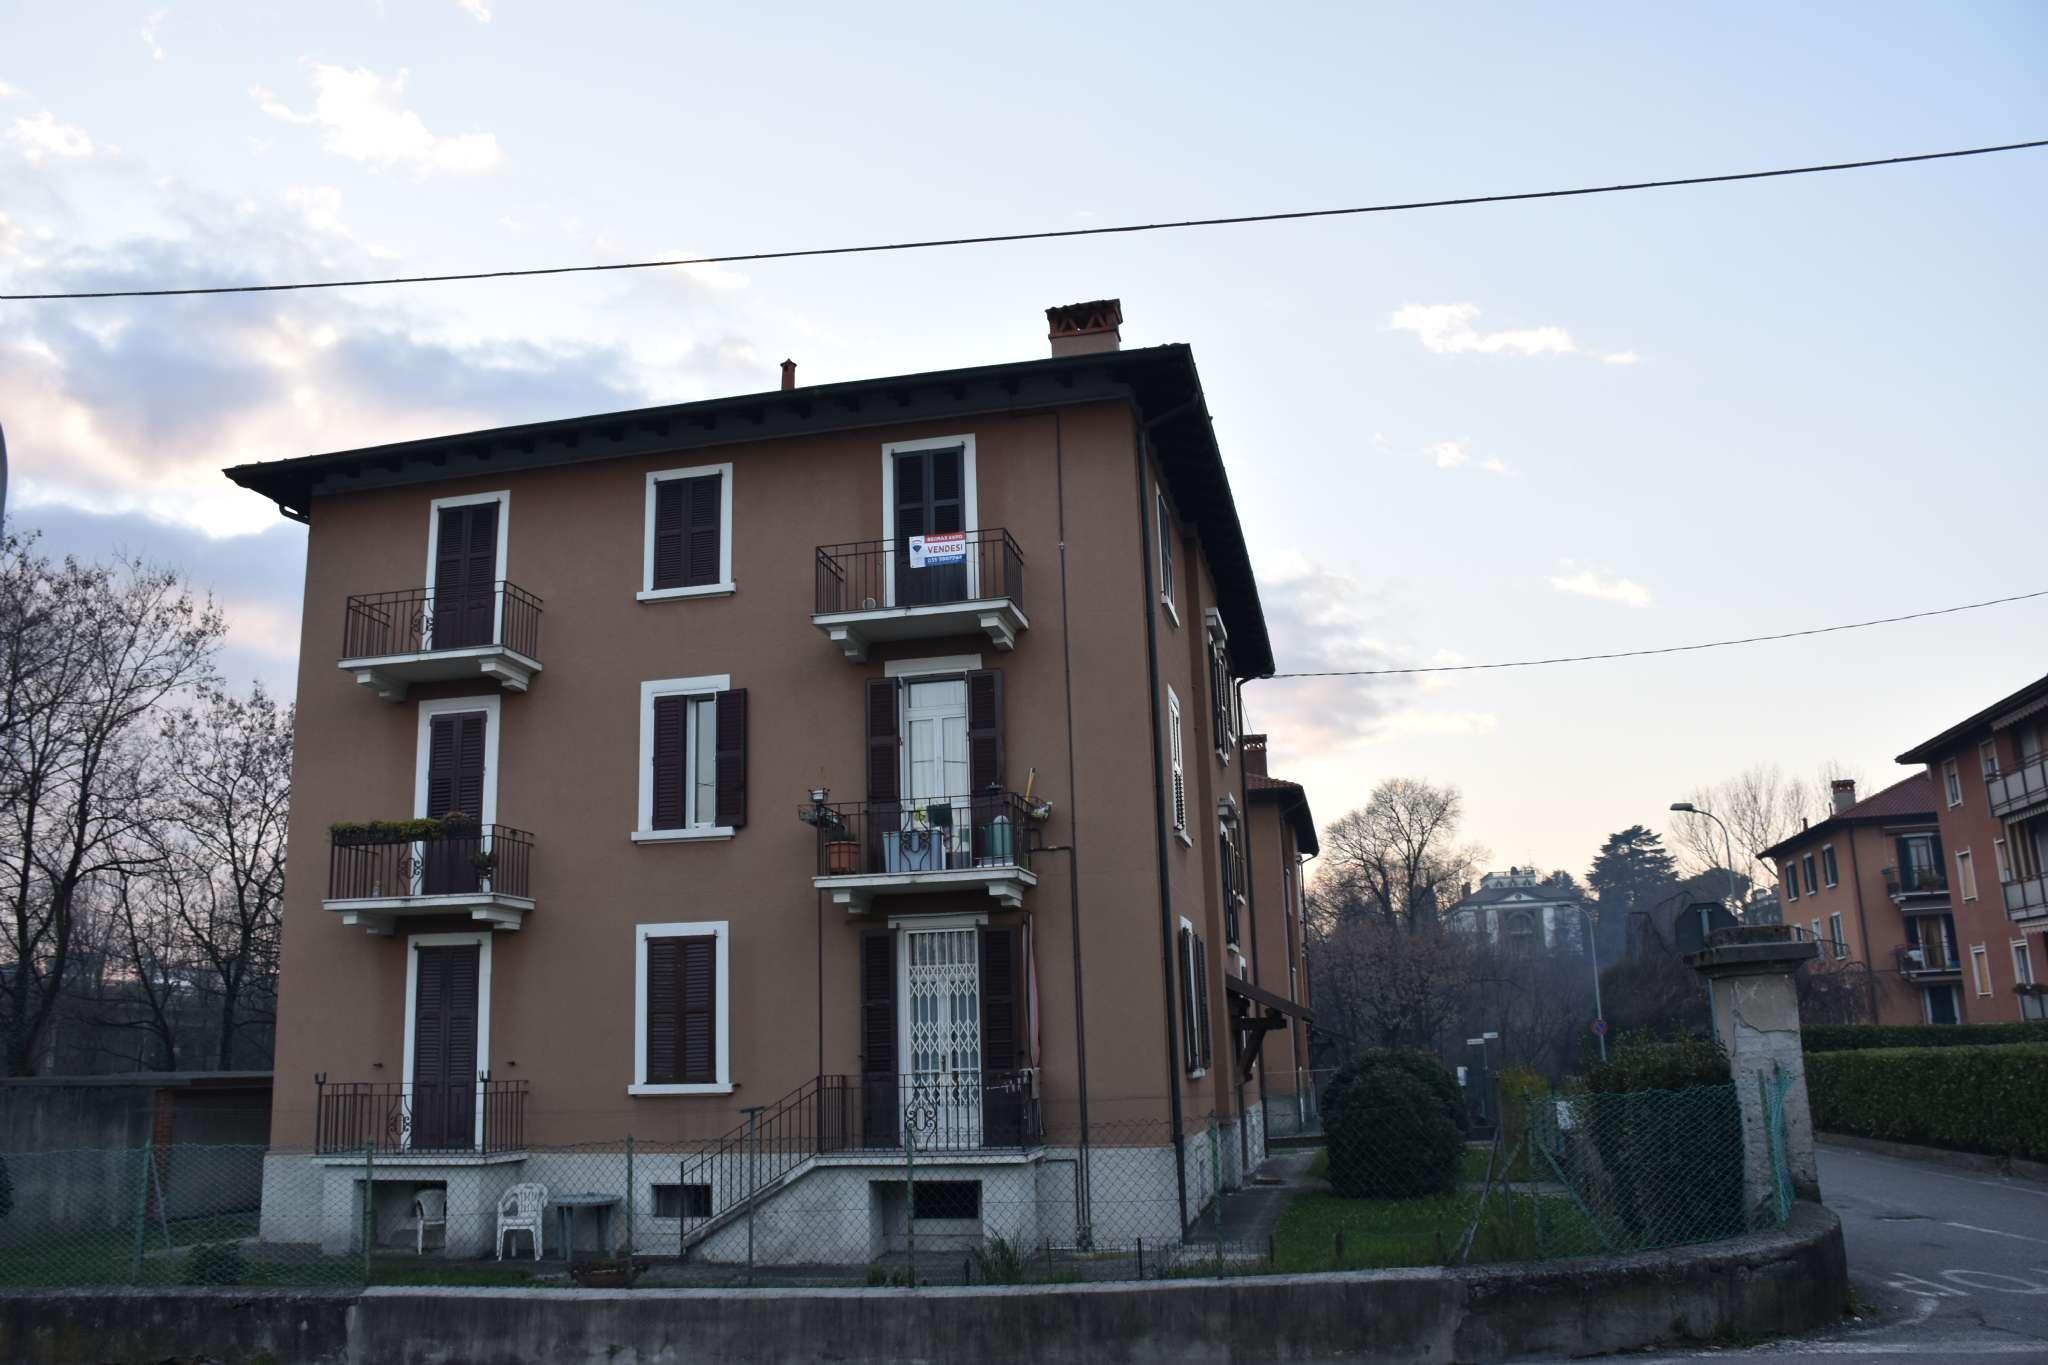 Appartamento in vendita a Ponte San Pietro, 3 locali, prezzo € 75.000 | CambioCasa.it